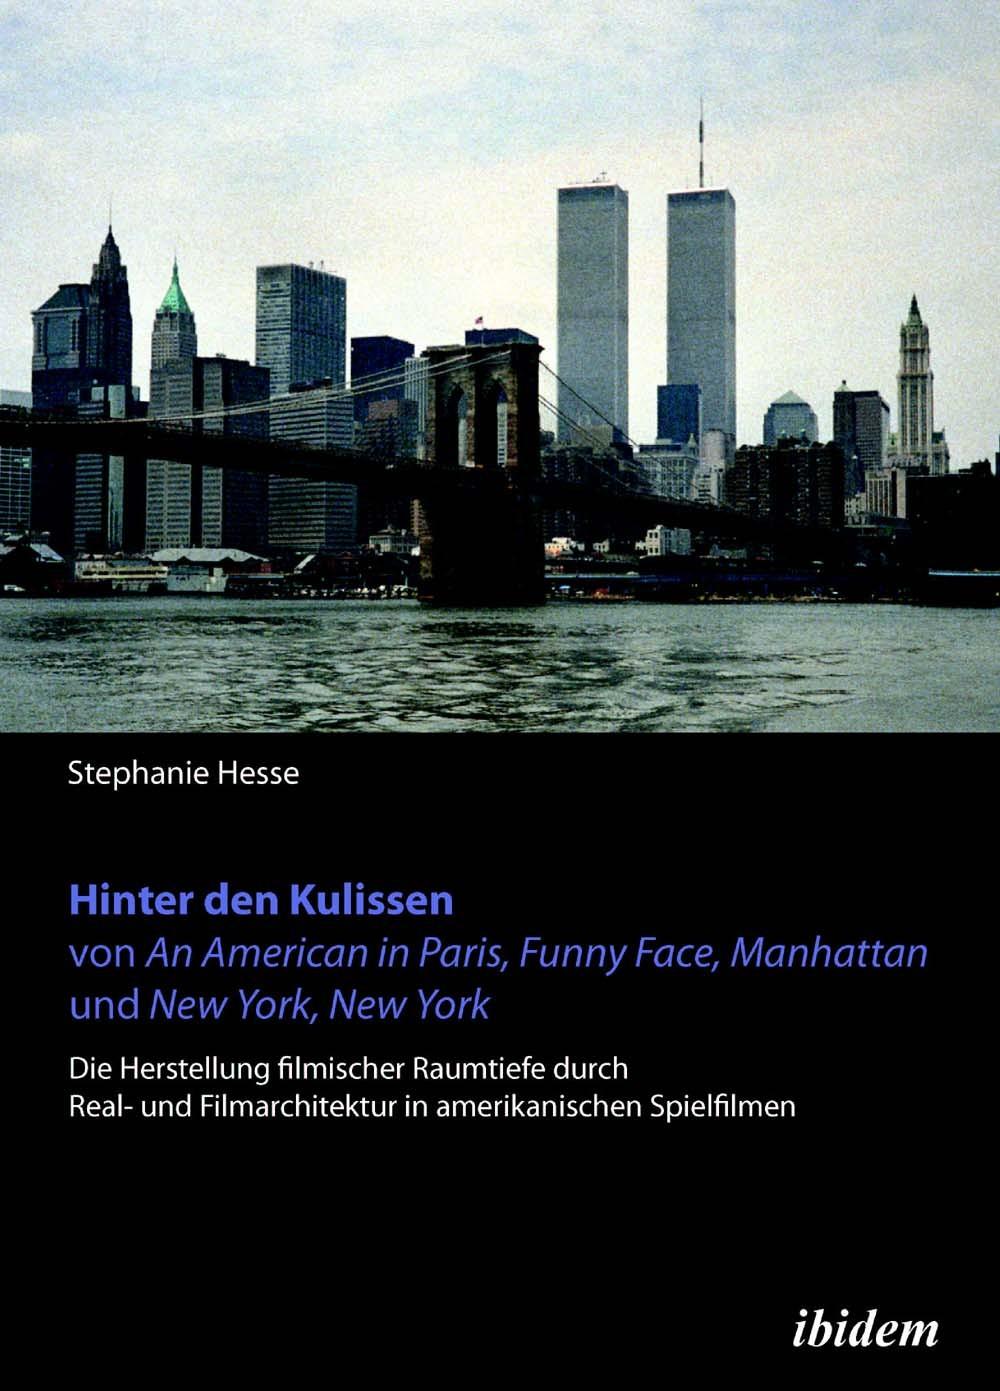 Hinter den Kulissen von An American in Paris, Funny Face, Manhattan und New York, New York